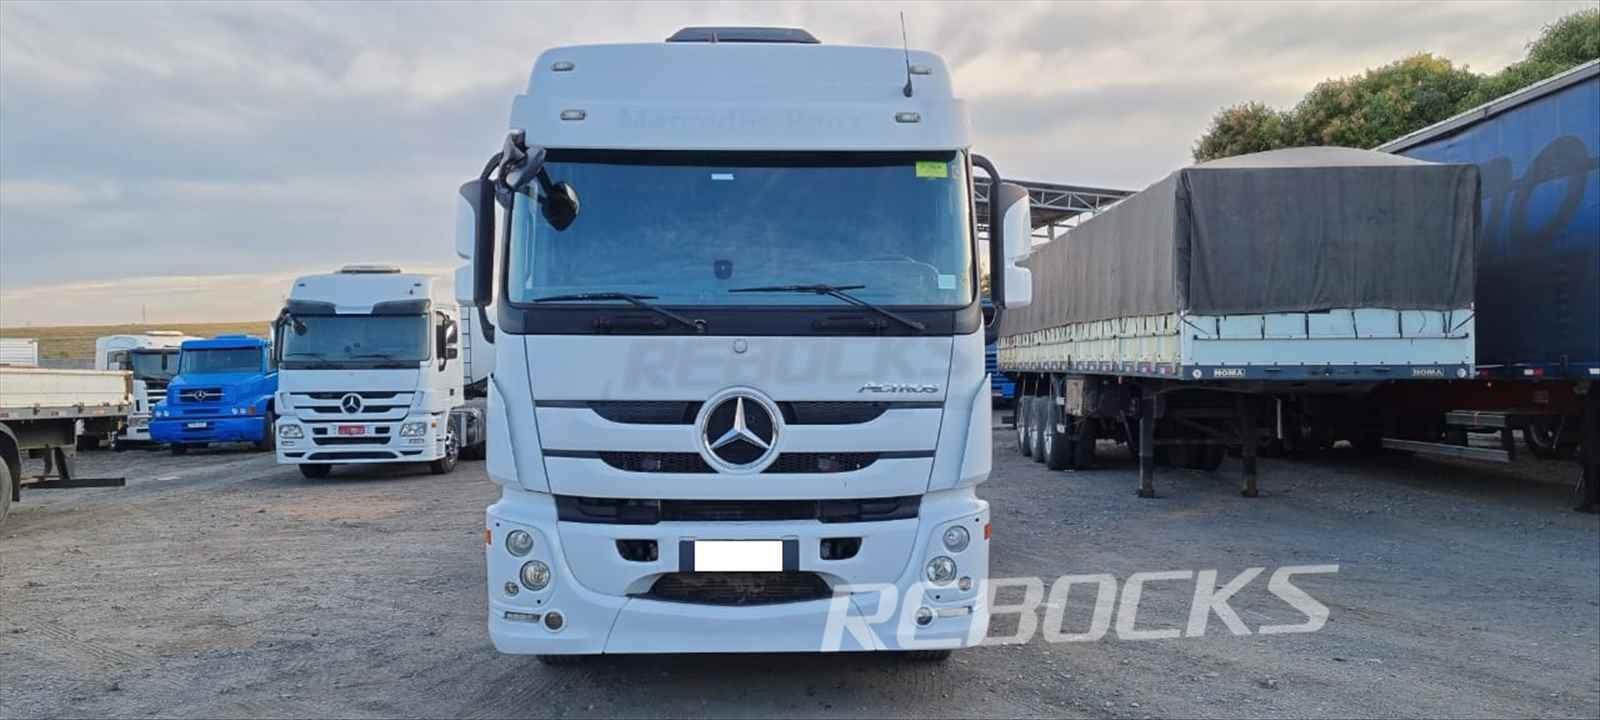 CAMINHAO MERCEDES-BENZ MB 2546 Cavalo Mecânico Truck 6x2 Rebocks LIMEIRA SÃO PAULO SP